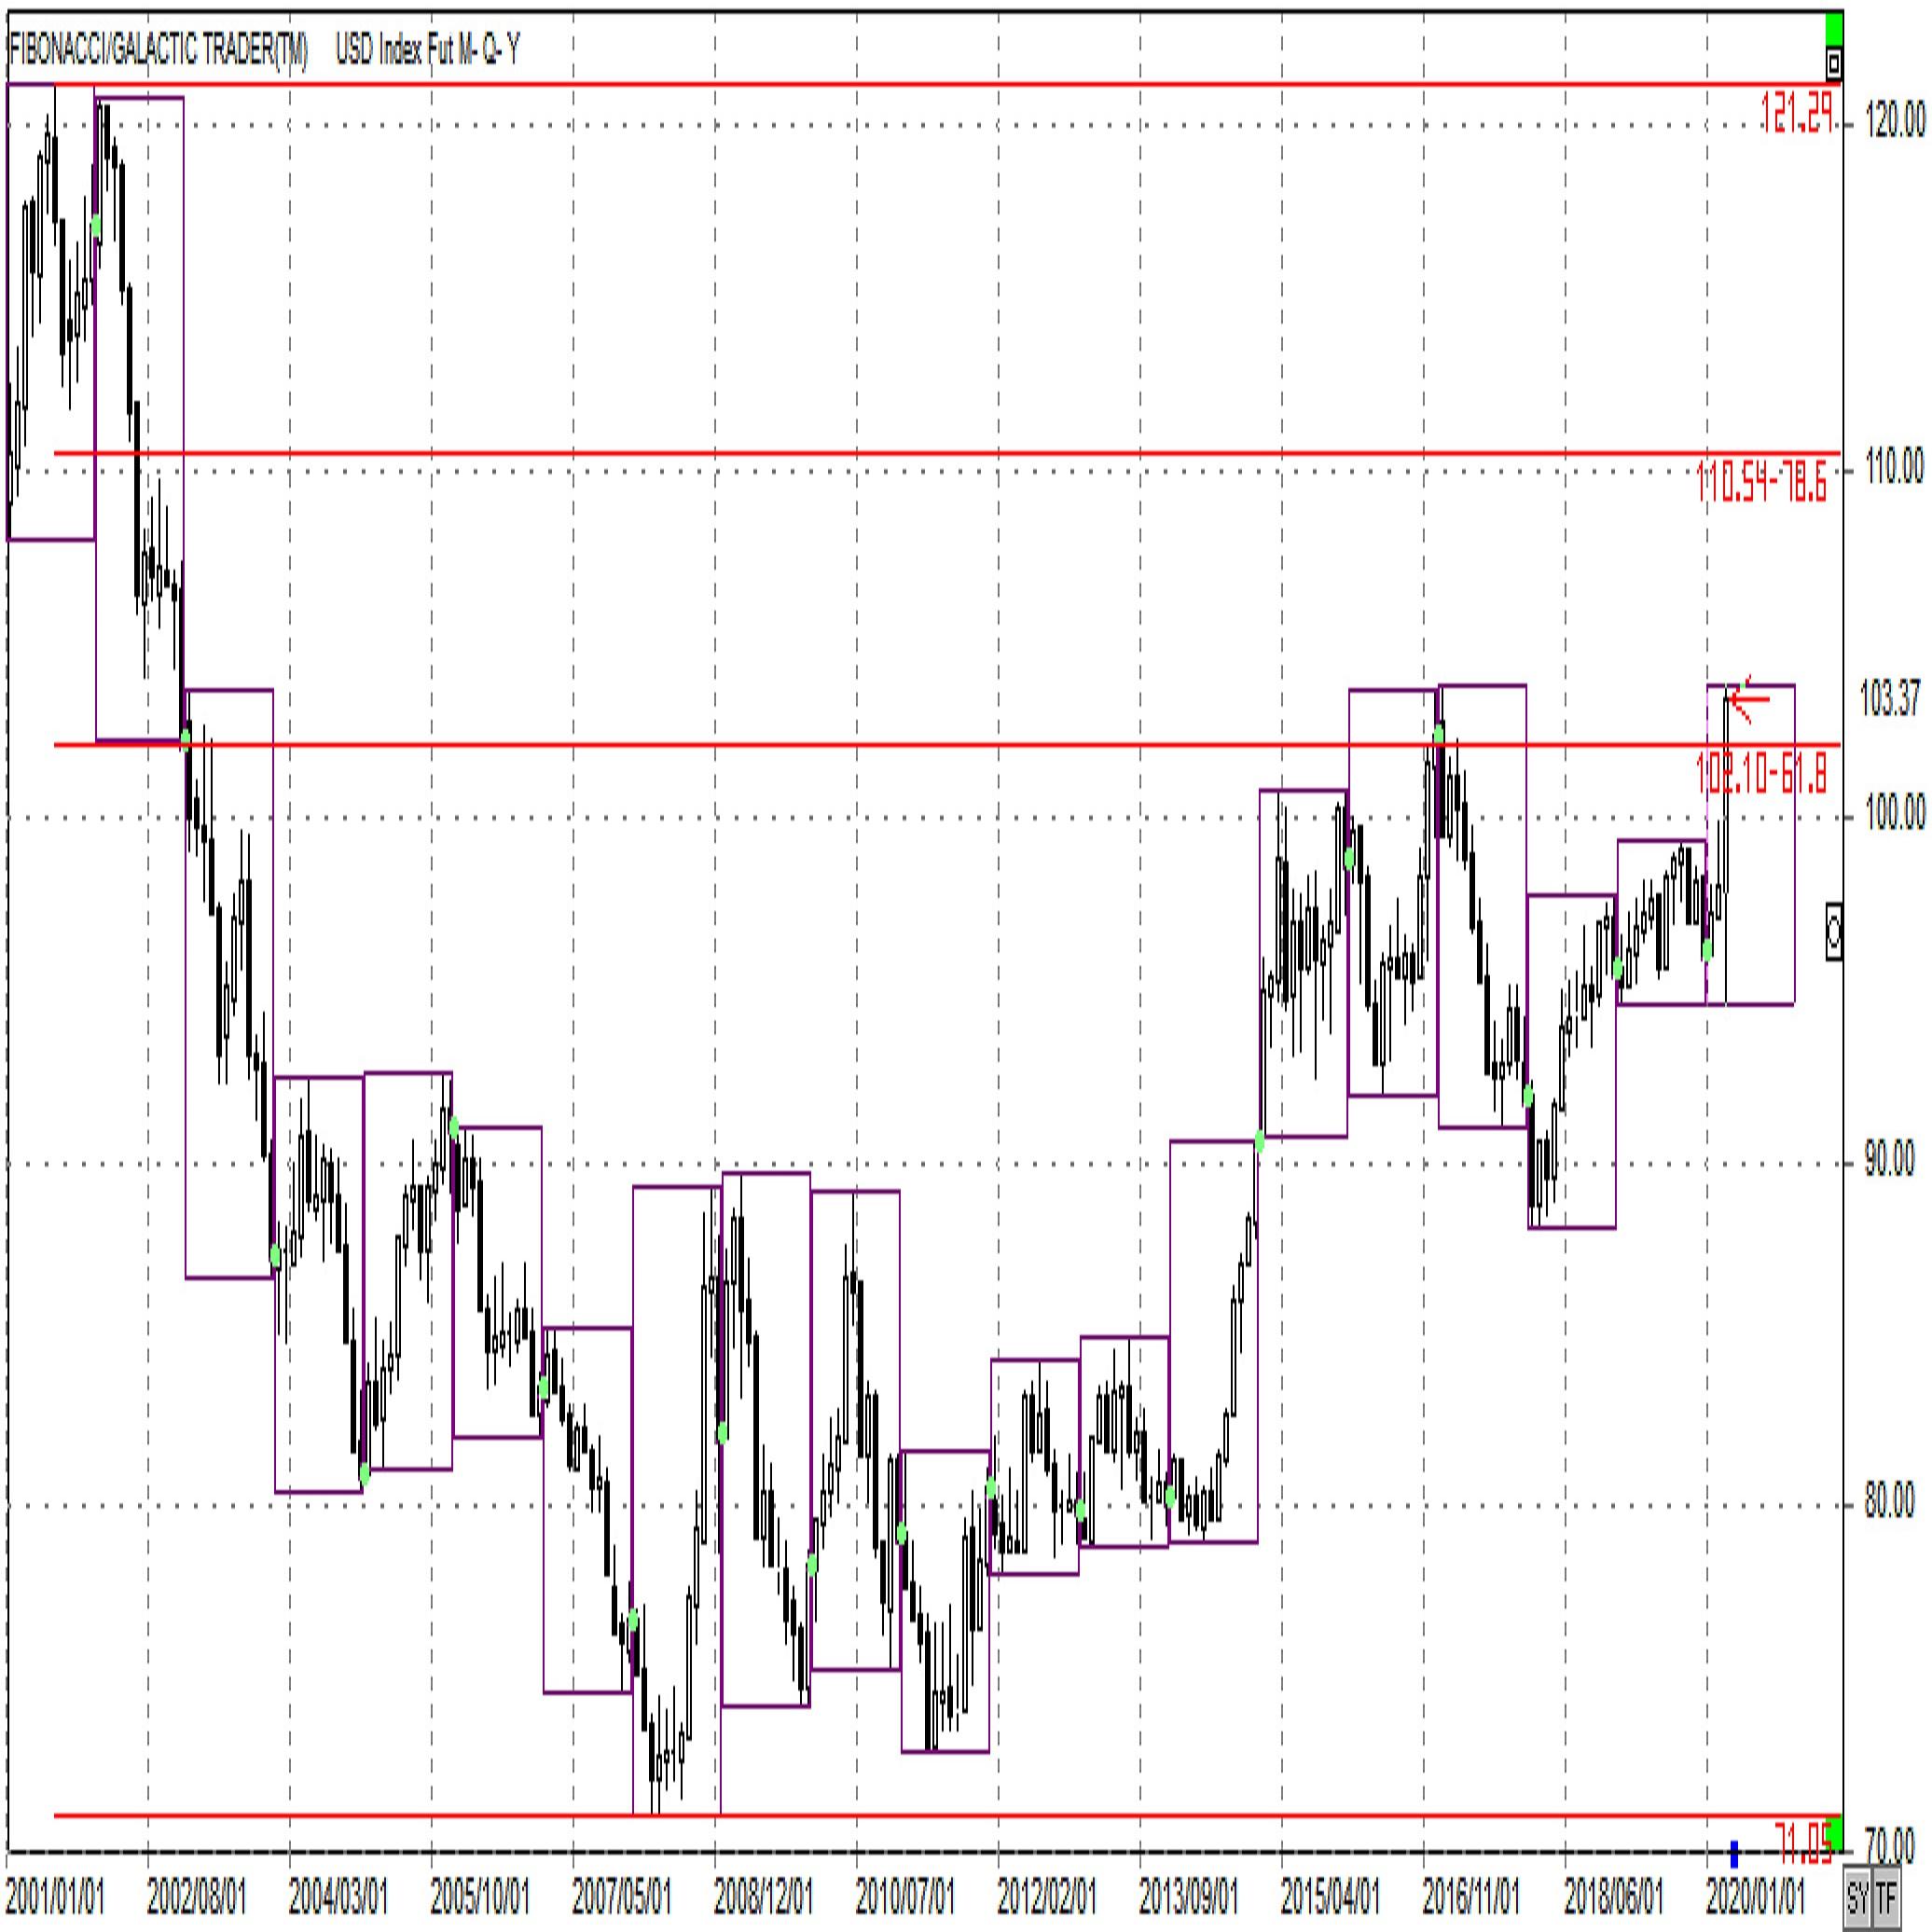 ドルインデックス急上昇 3月20日アップデート